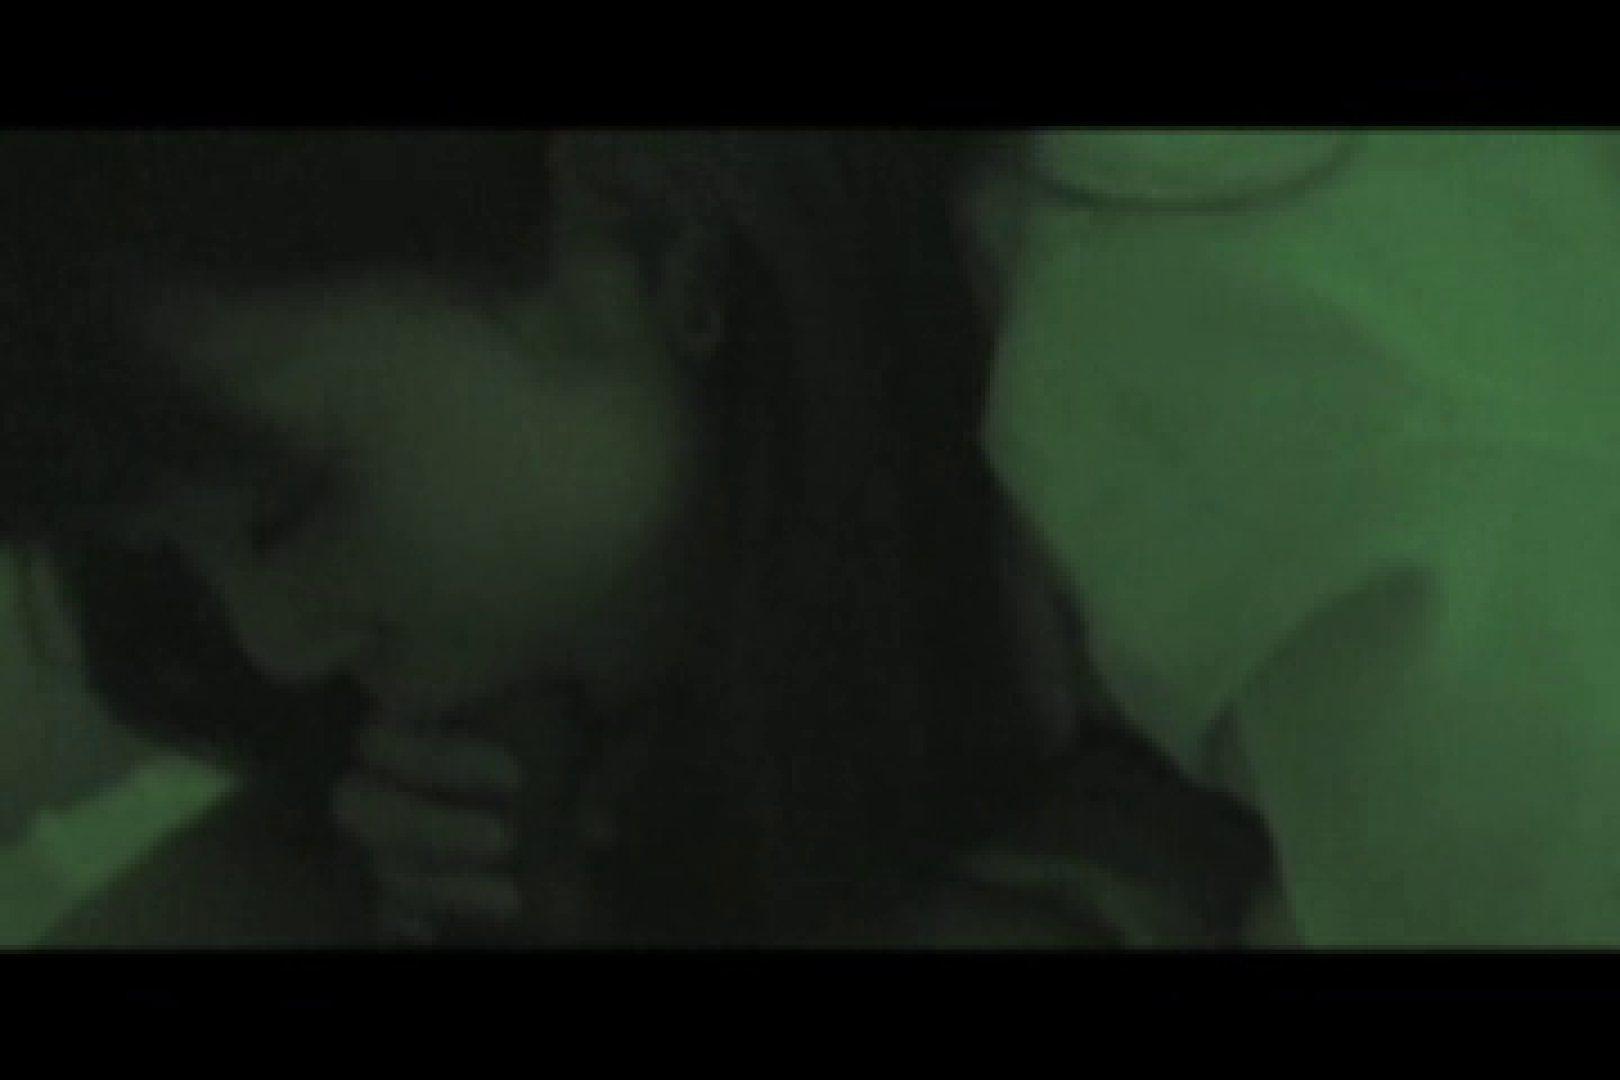 ヤリマンと呼ばれた看護士さんvol3 フェラ セックス画像 70連発 32